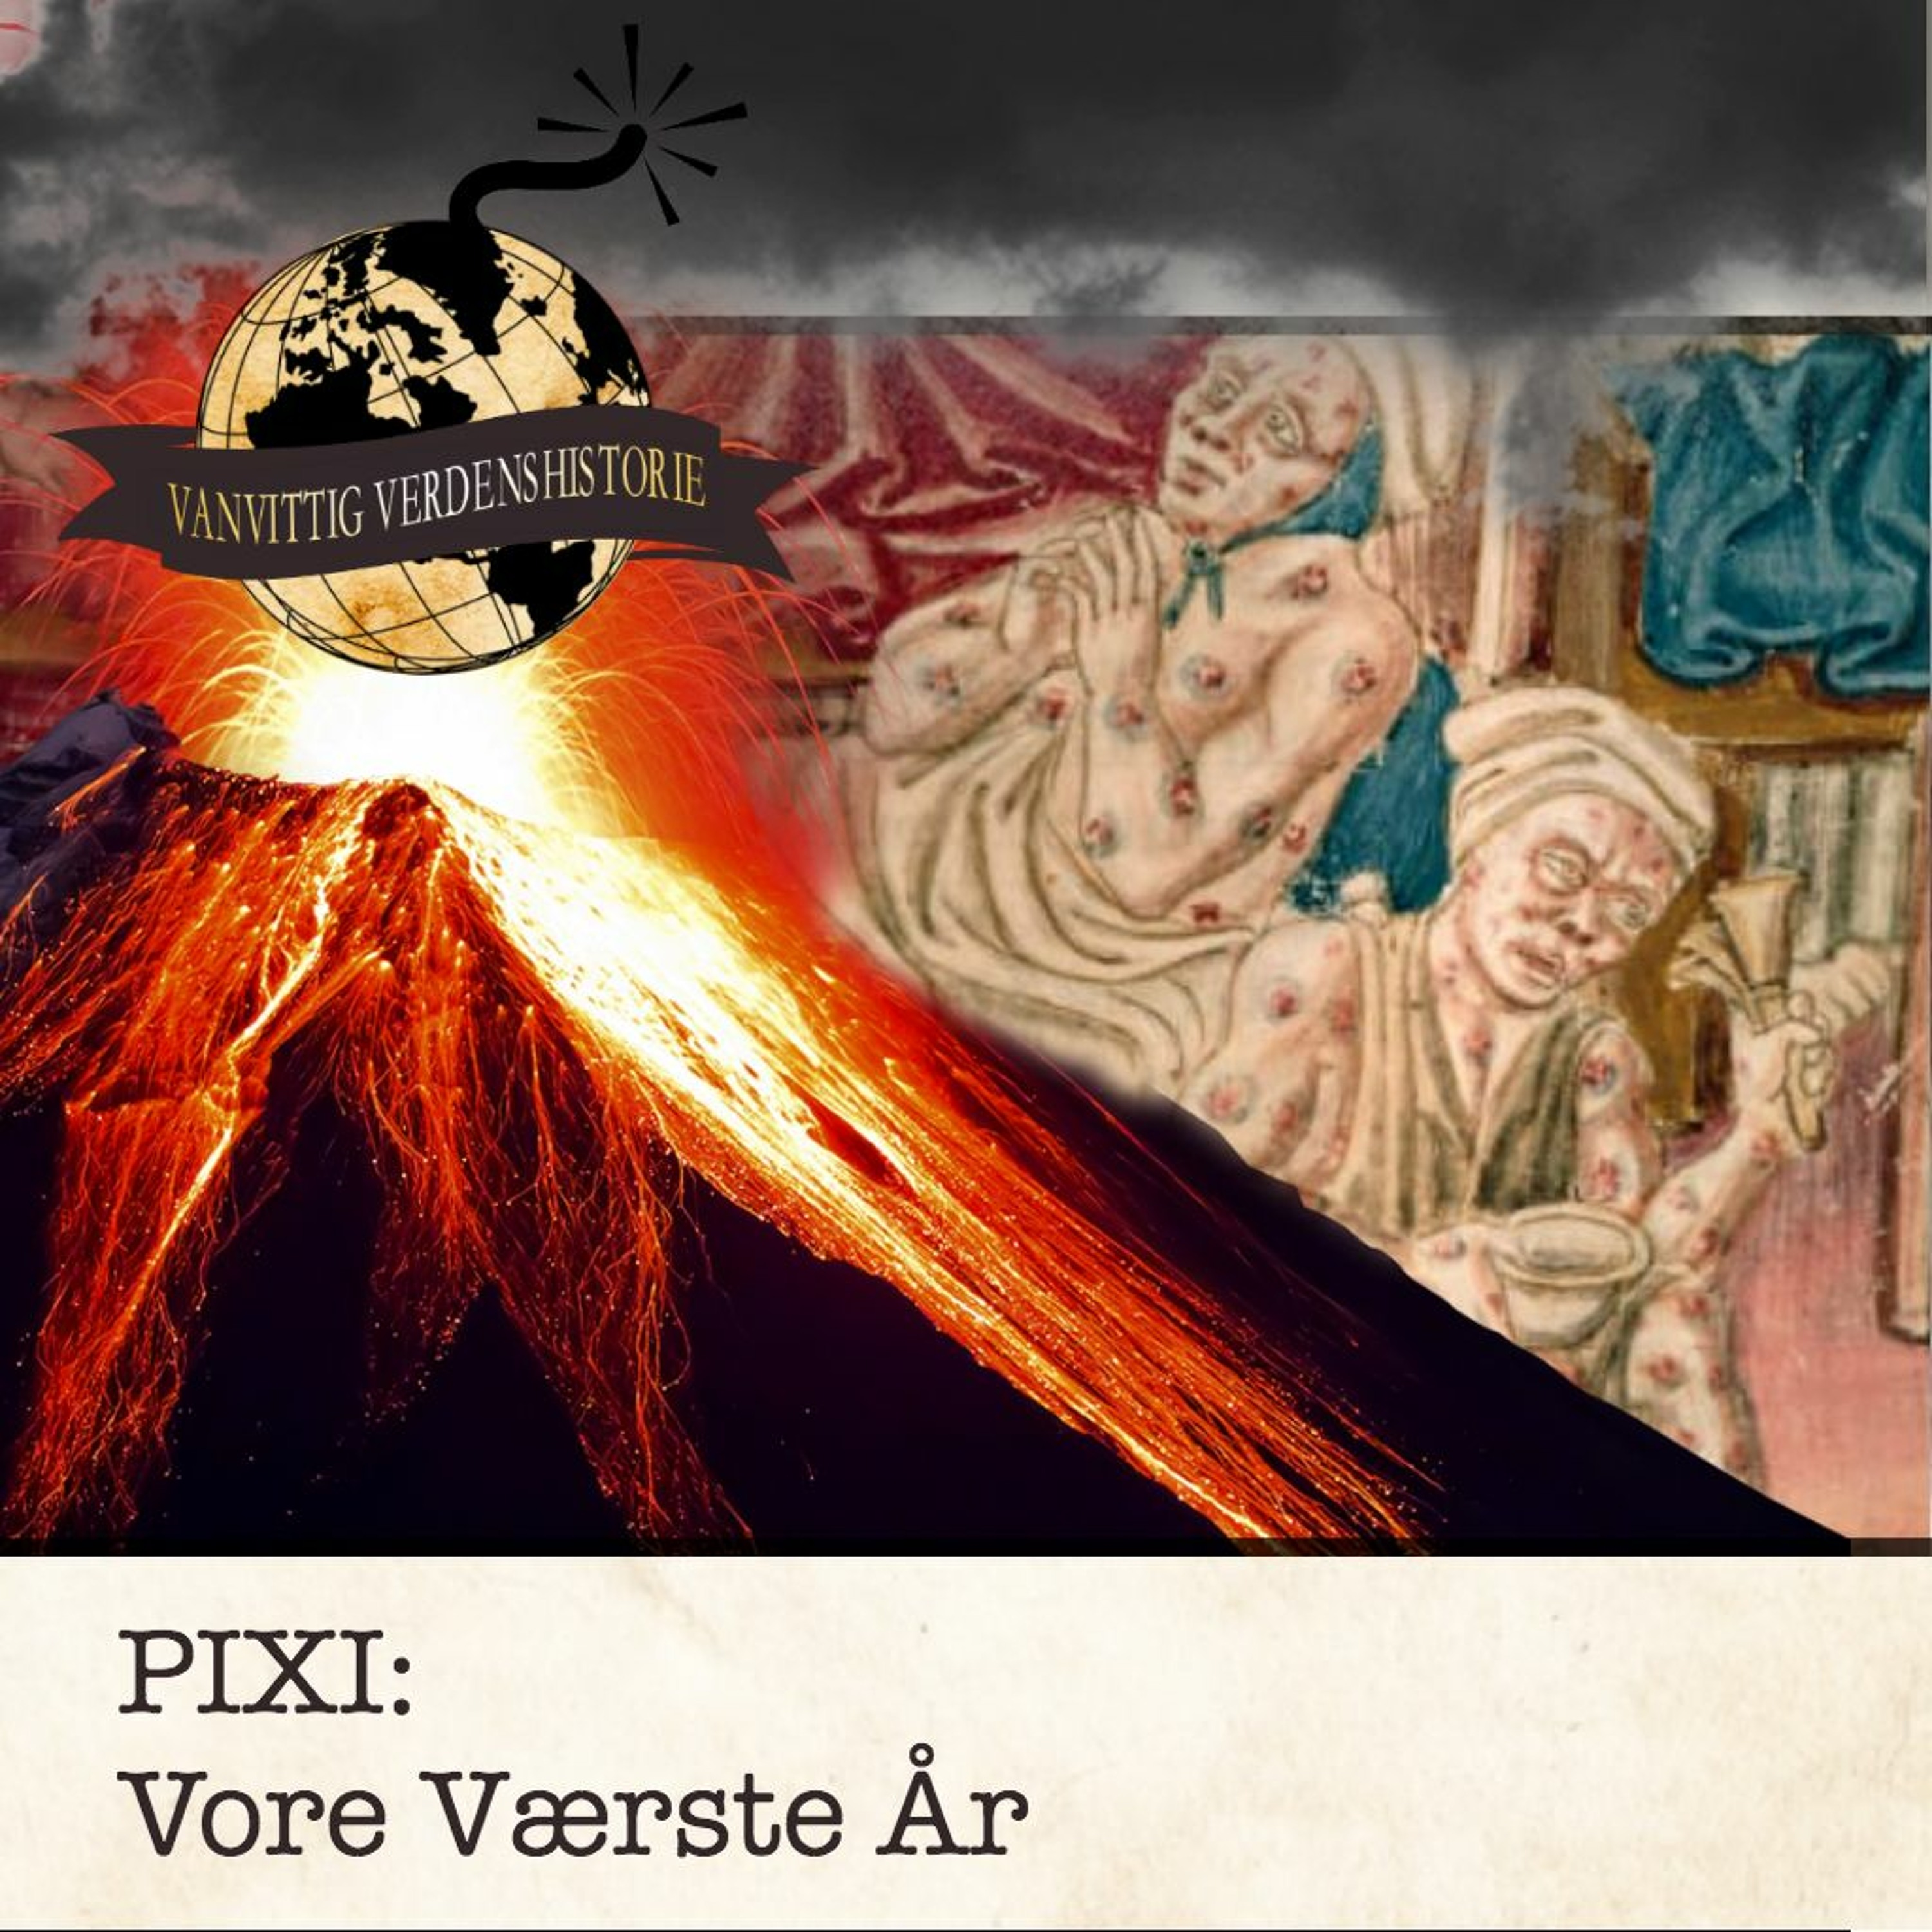 PIXI: Vore Værste År